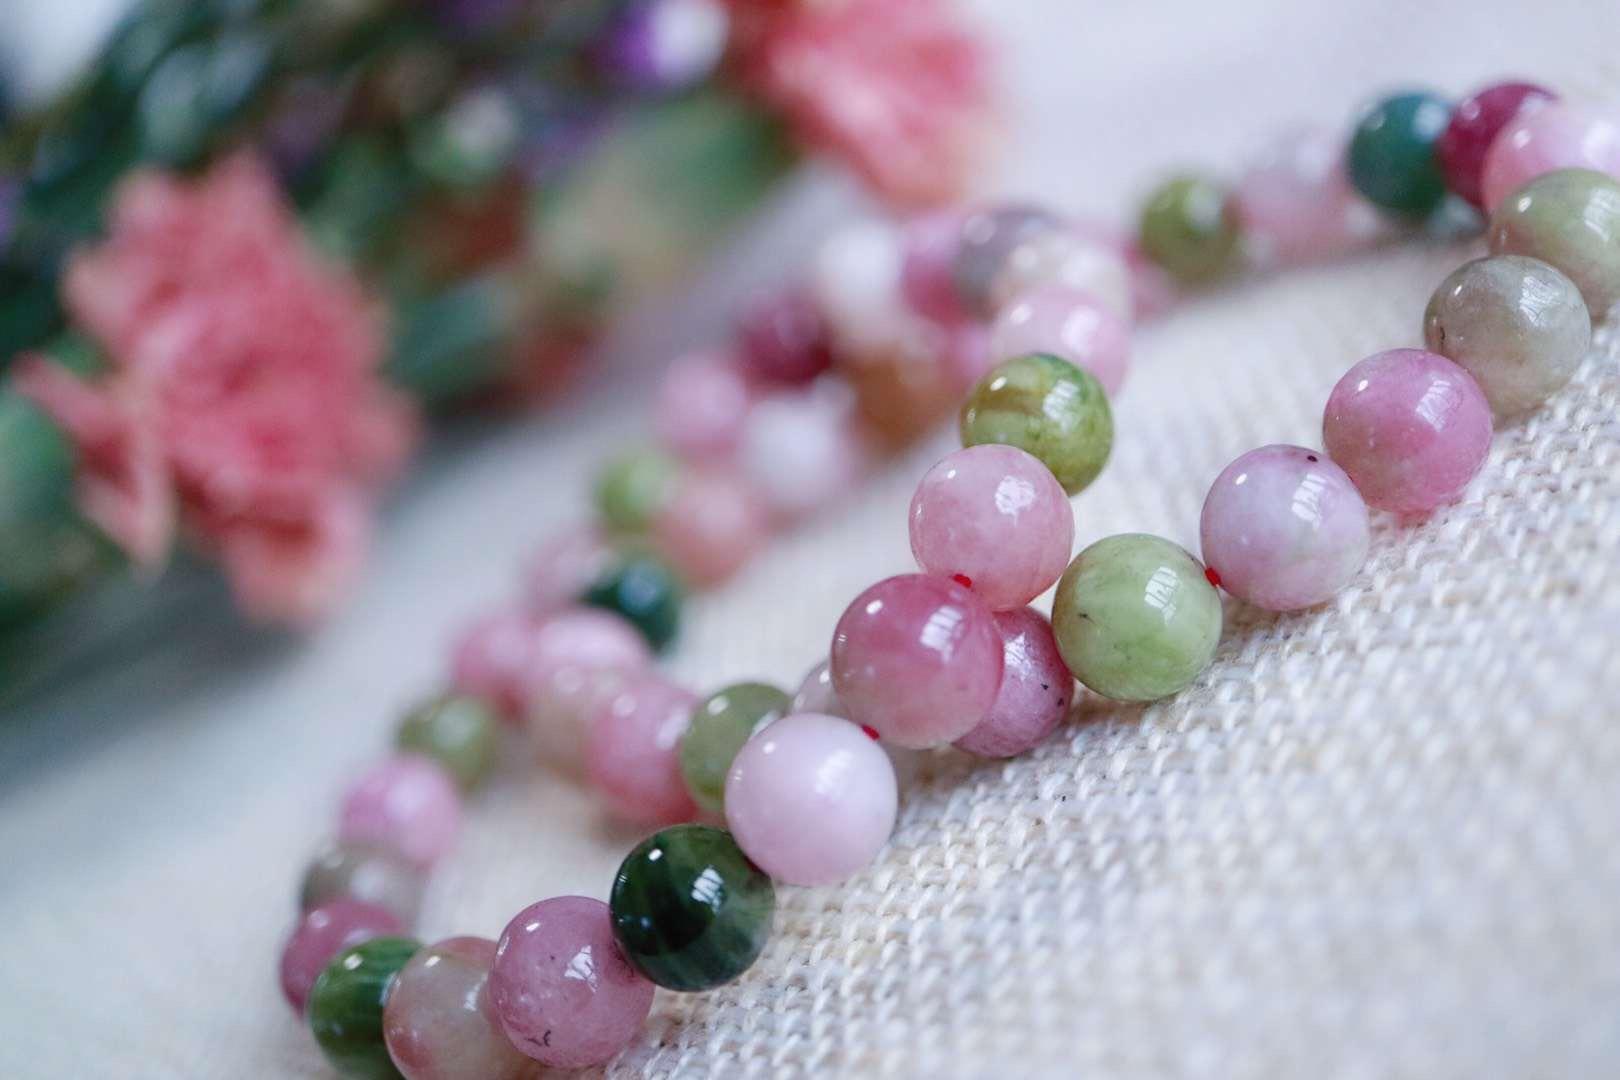 【菩心 | 碧玺】桃粉色为主的糖果碧玺手链,戴上她感受那内心深处的欢喜-菩心晶舍